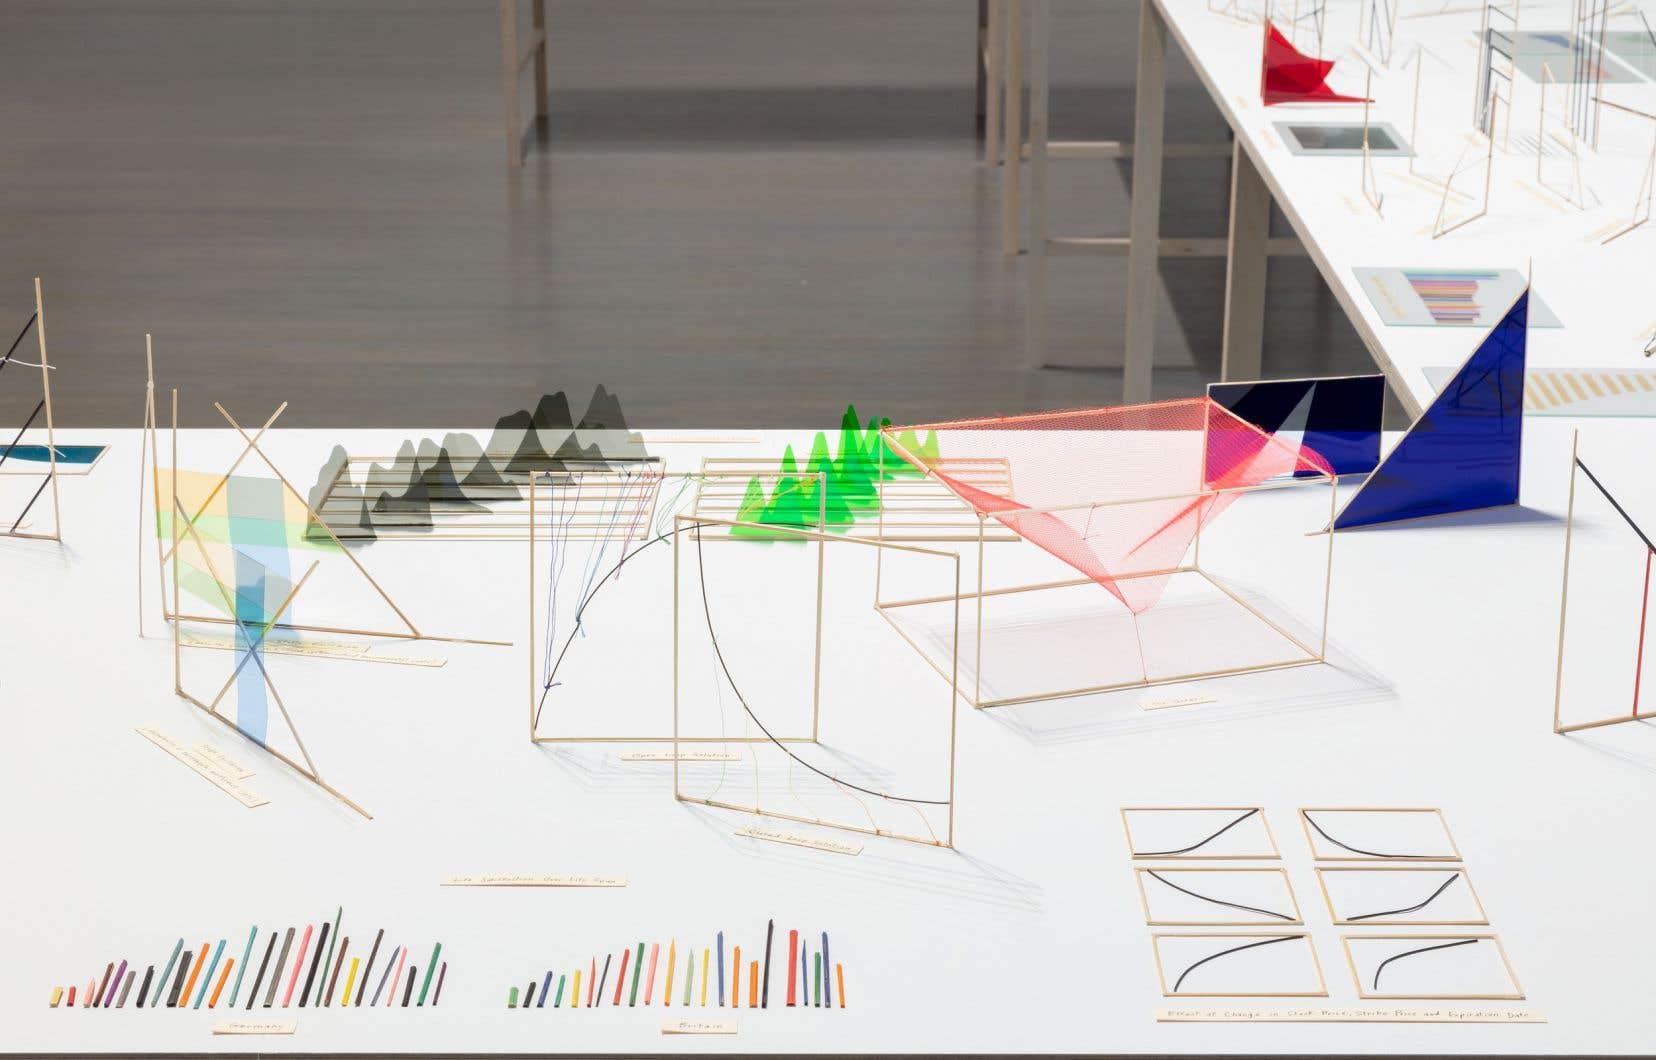 Richard Ibghy & Marilou Lemmens, <em>The Prophets</em>, 2013-2015 (détail).<br /> Bambou, acétate, ficelle, fil de métal, plastique, encre, papier, papier d'aluminium, verre et bois, 412 éléments.<br /> Dimensions variables.<br />Achat, avec l'aide du programme de Subventions d'acquisition du Conseil des arts du Canada.